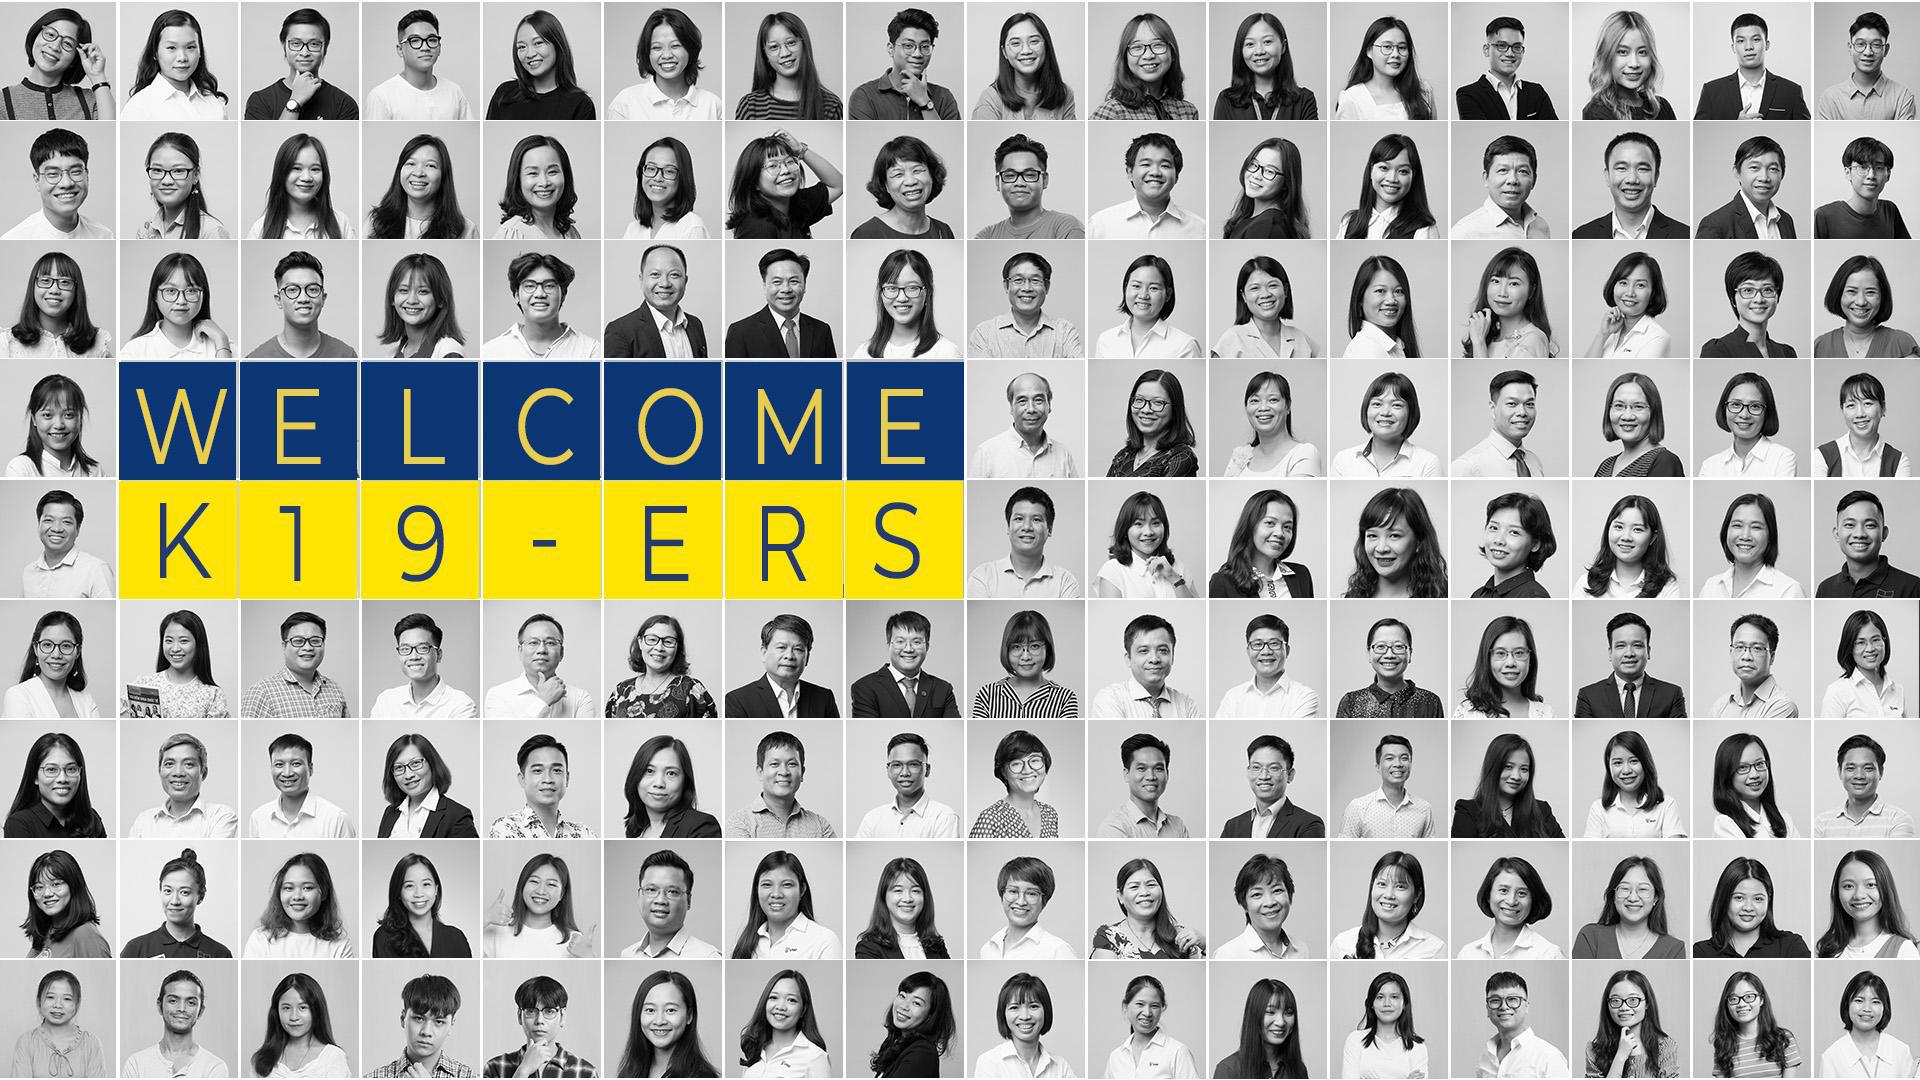 100 nụ cười chào đón tân sinh viên của thầy trò Khoa Quốc tế - ĐHQG Hà Nội - Ảnh 1.